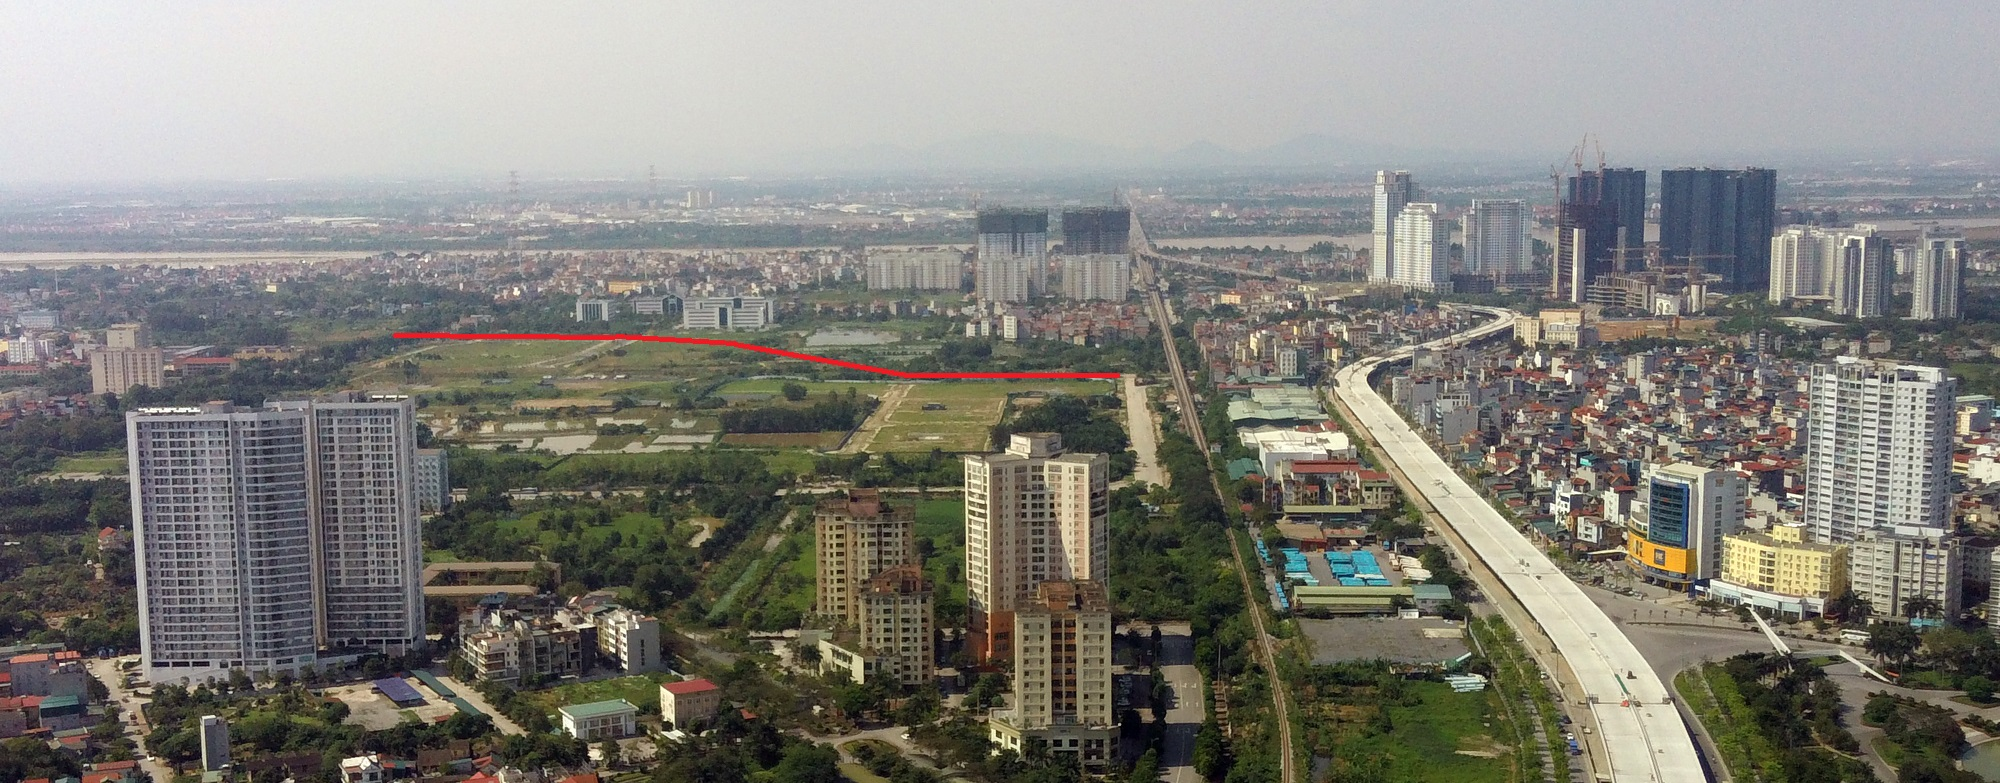 Kế hoạch sử dụng đất phường Xuân Đỉnh, Bắc Từ Liêm, Hà Nội năm 2021 - Ảnh 1.